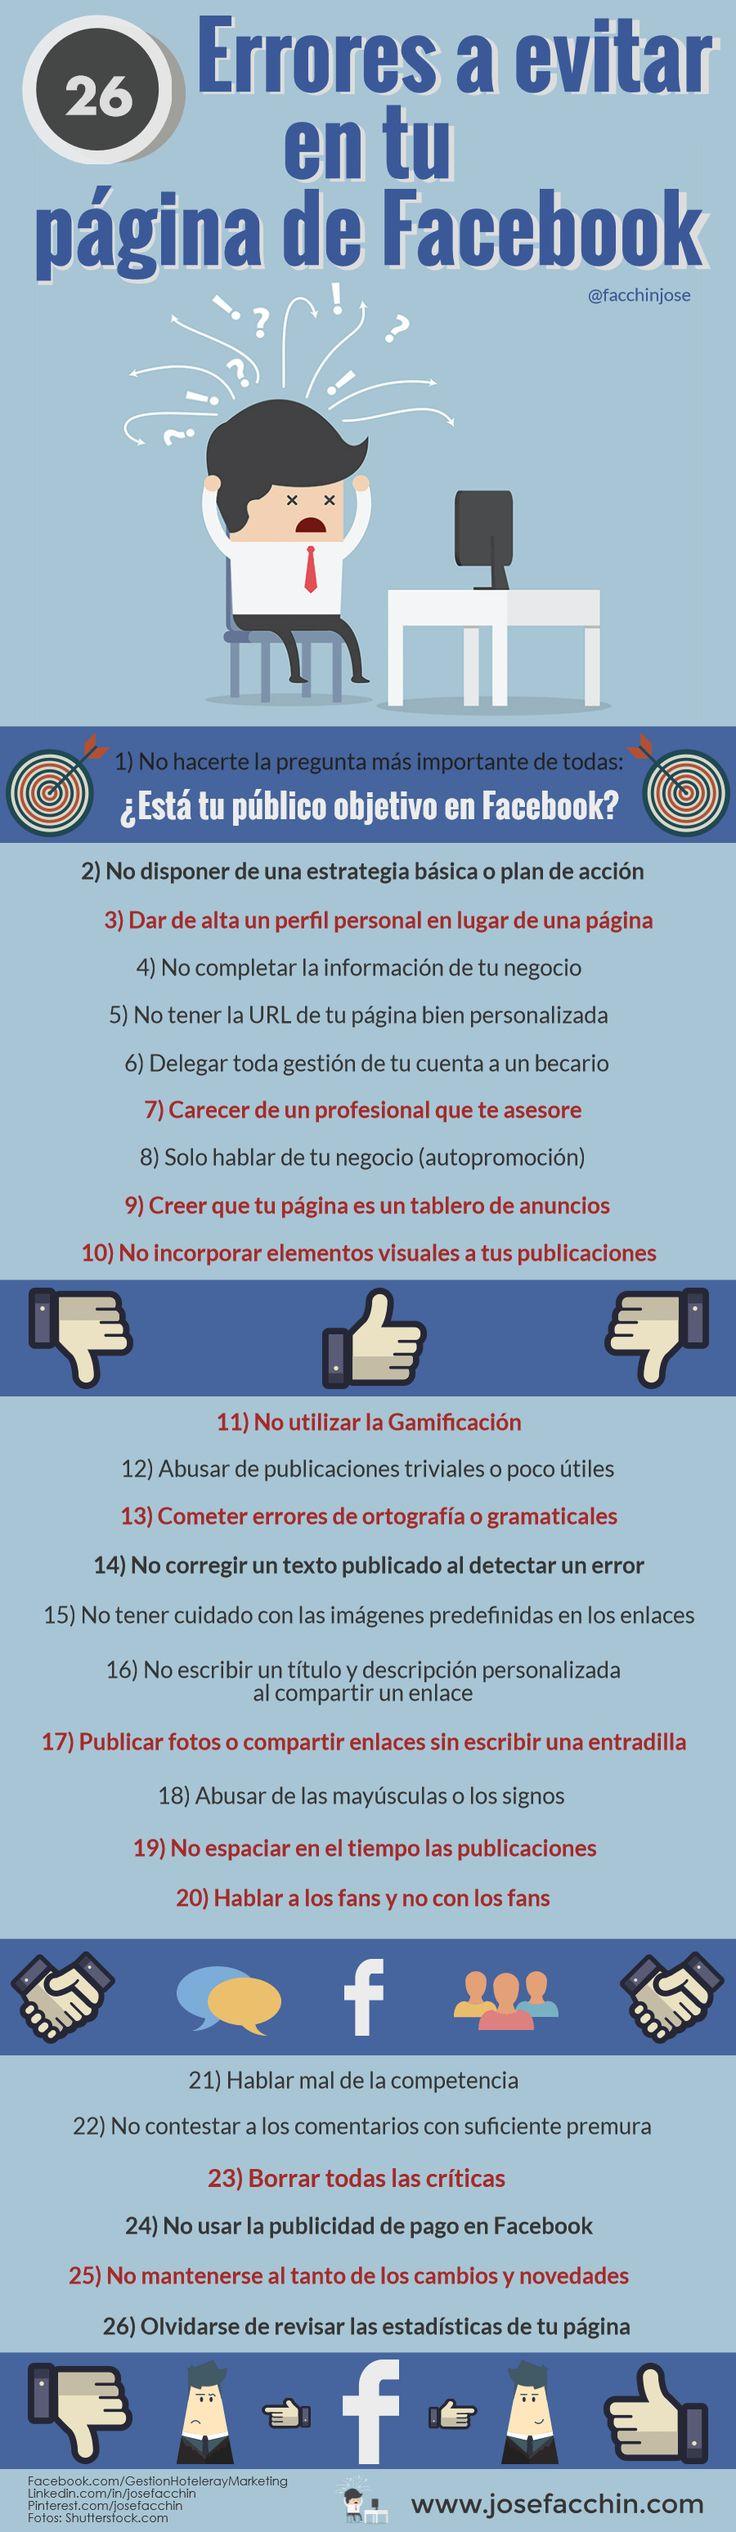 26 Errores a evitar en tu página de Facebook para empresas que harán que tu estrategia de marketing no funcione ⛔ #infografía